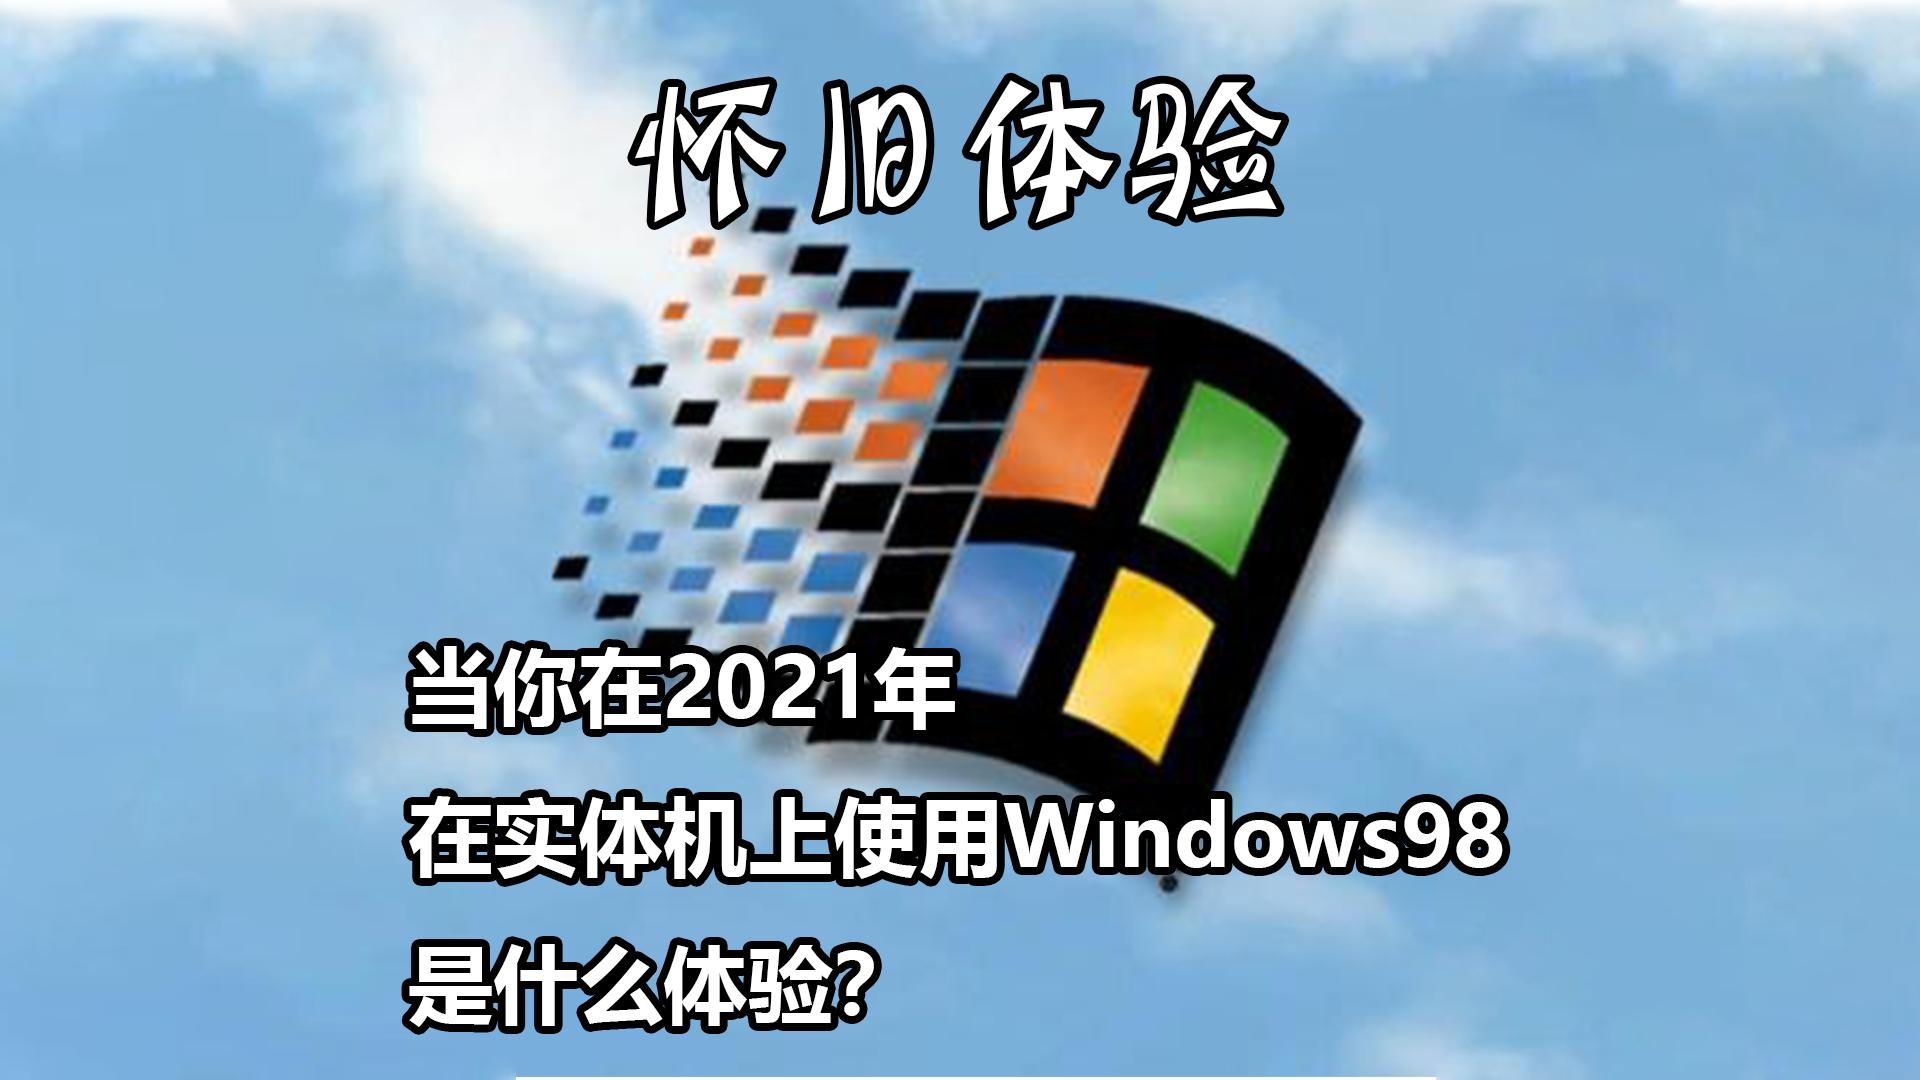 [怀旧体验]当你在2021年在实体机上使用Windows98是什么体验?